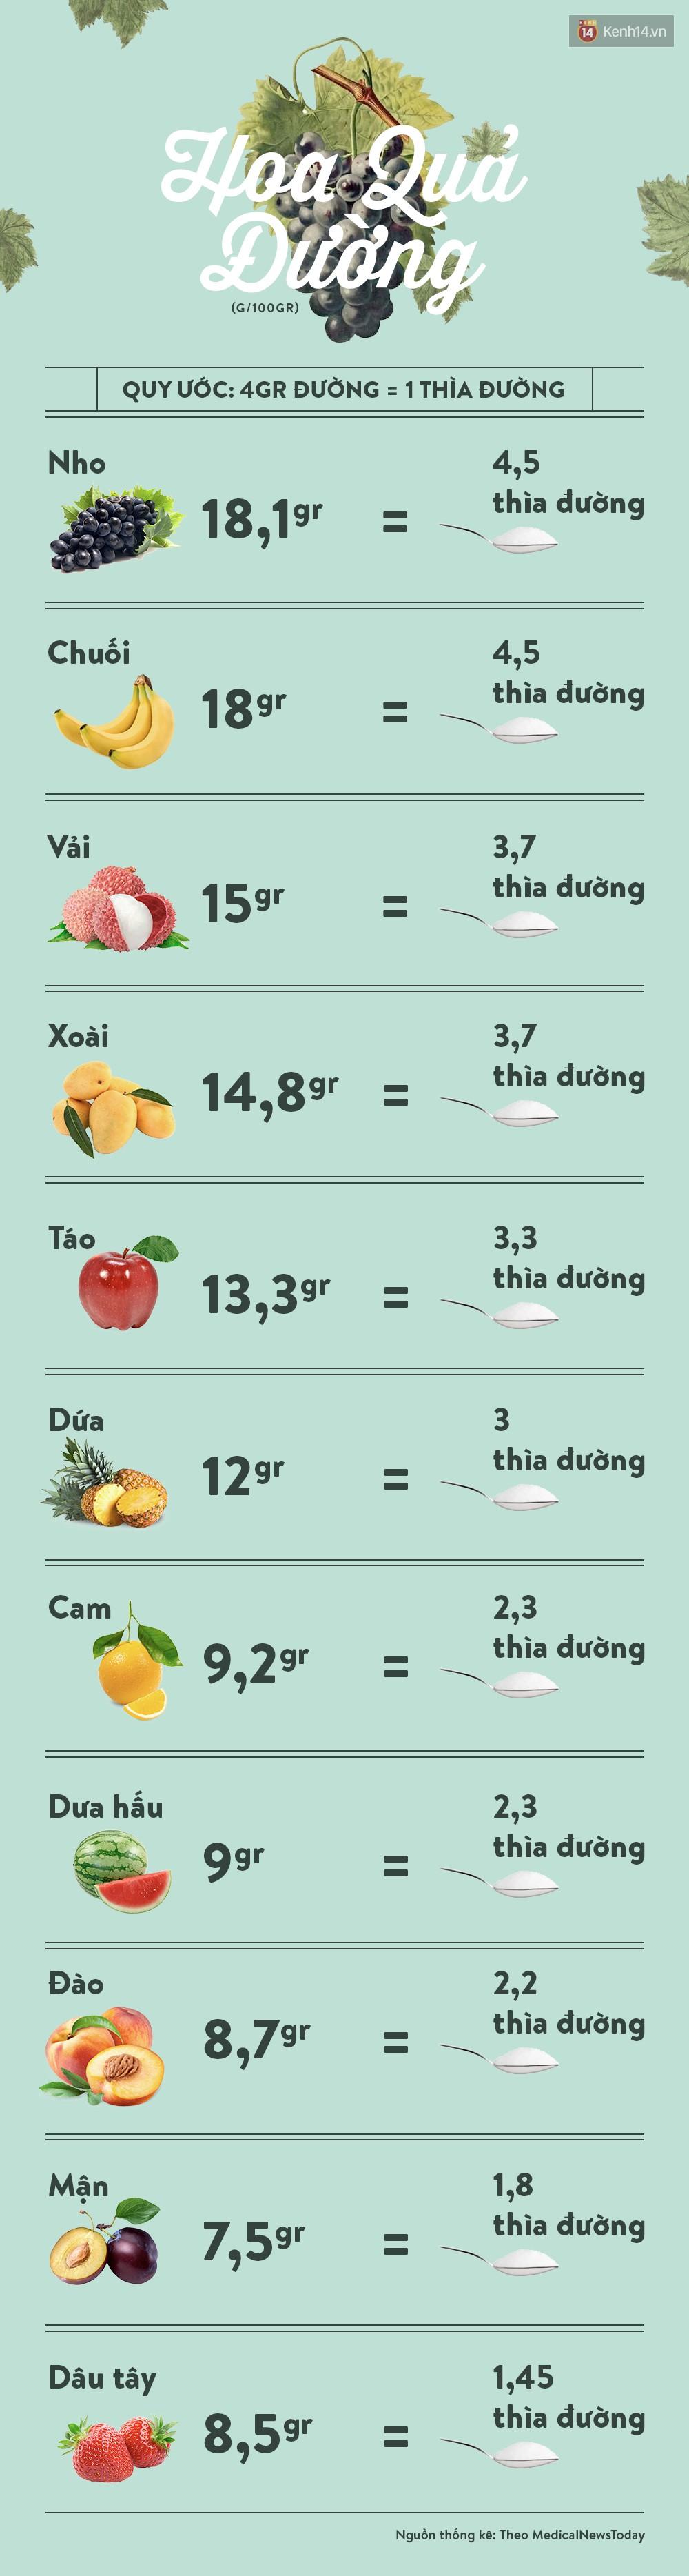 Tiêu thụ đường quá mức khiến bạn gặp phải những vấn đề sức khỏe gì? - Ảnh 2.